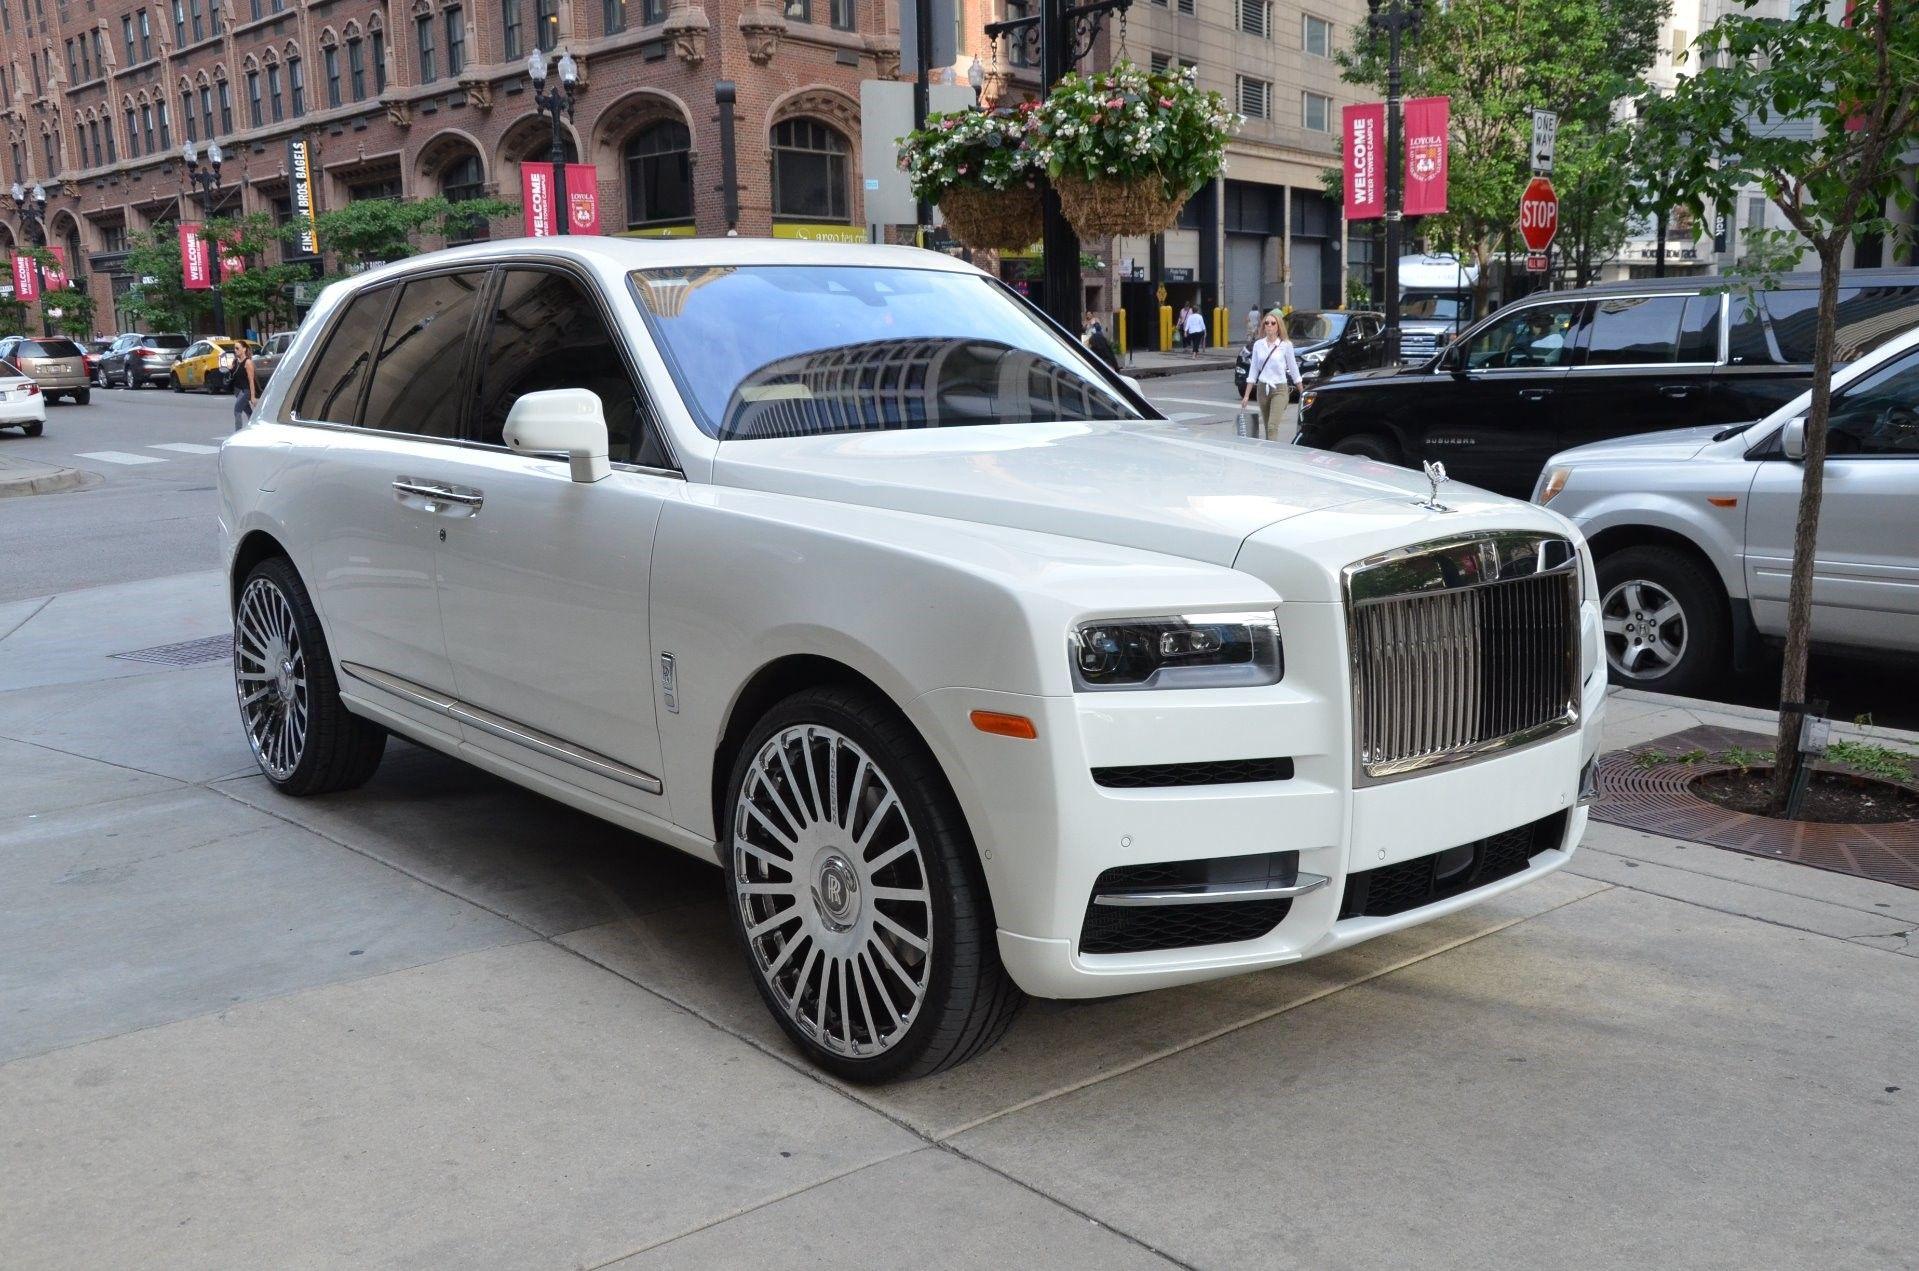 2019 Rolls Royce Cullinan For Sale 0 2087286 Rolls Royce Cullinan Rolls Royce White Rolls Royce